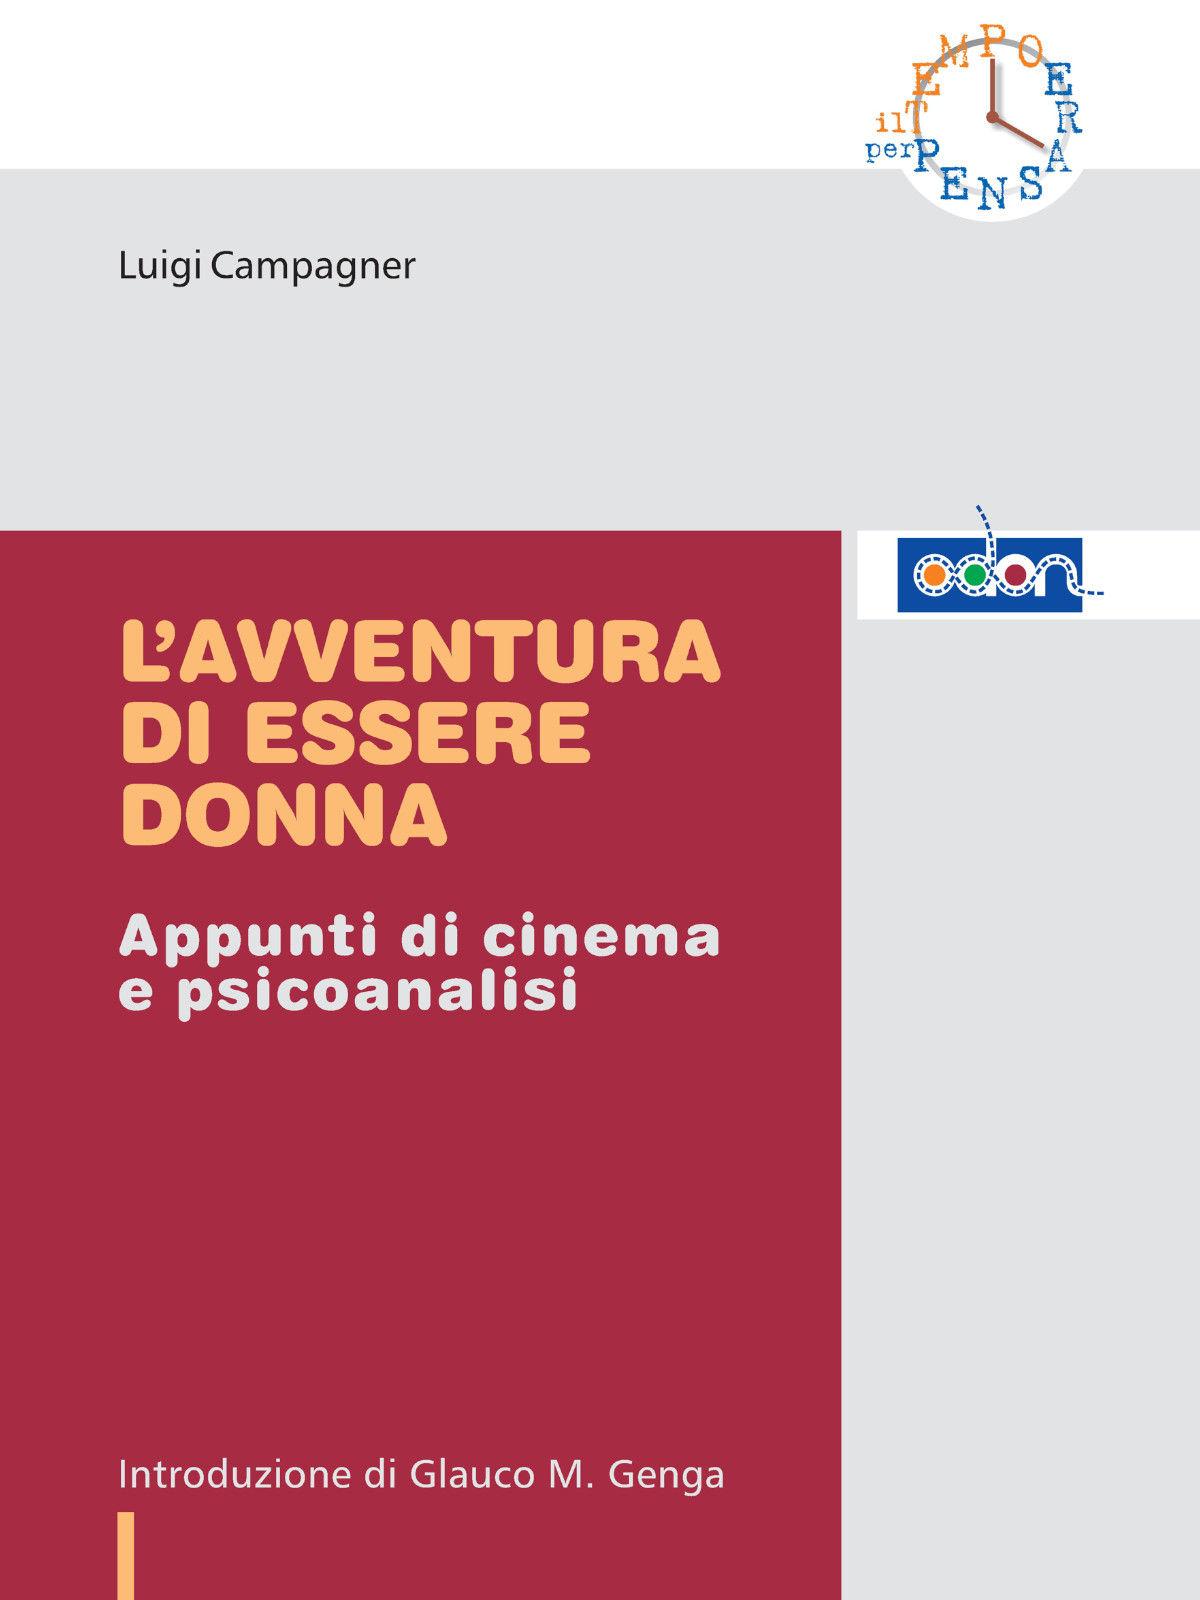 Immagine della copertina del libro L'avventura di essere donna